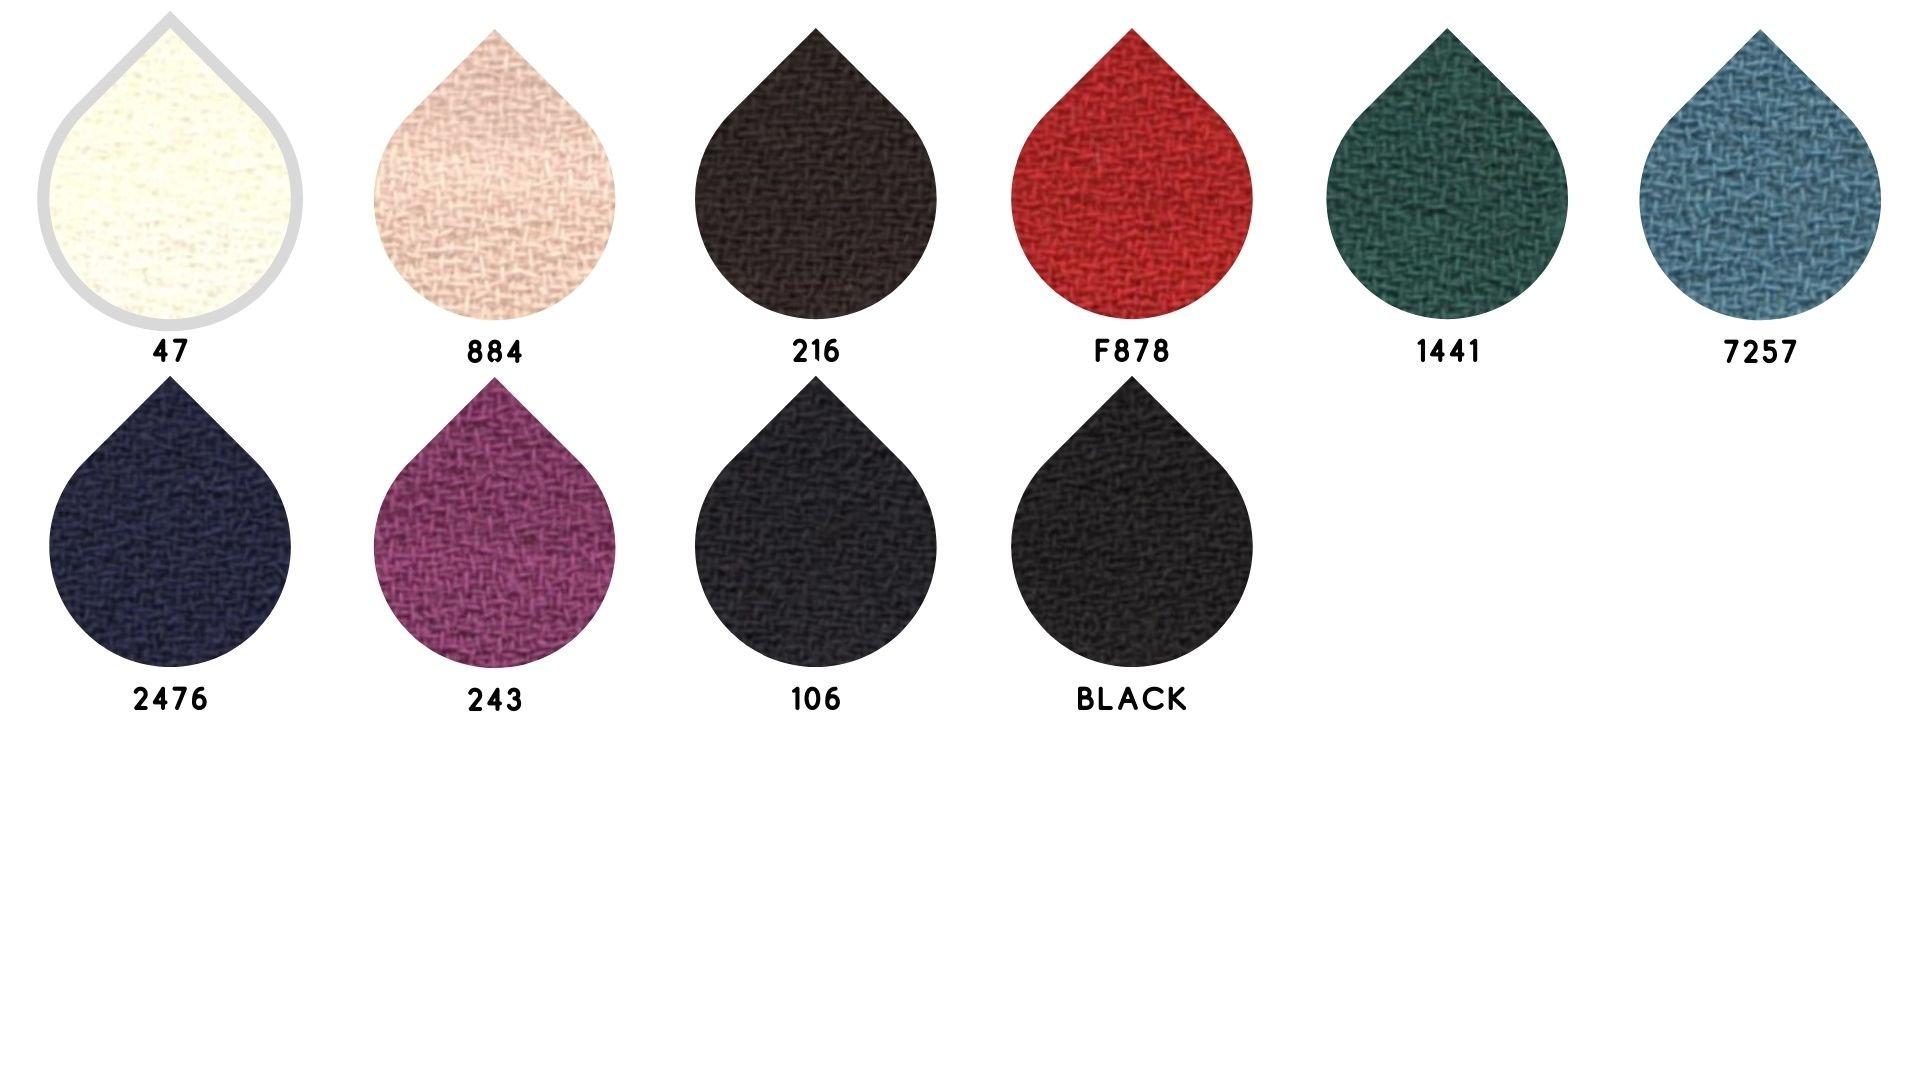 la cartella colore del tessuto doppio crepe di Leadford & Logan